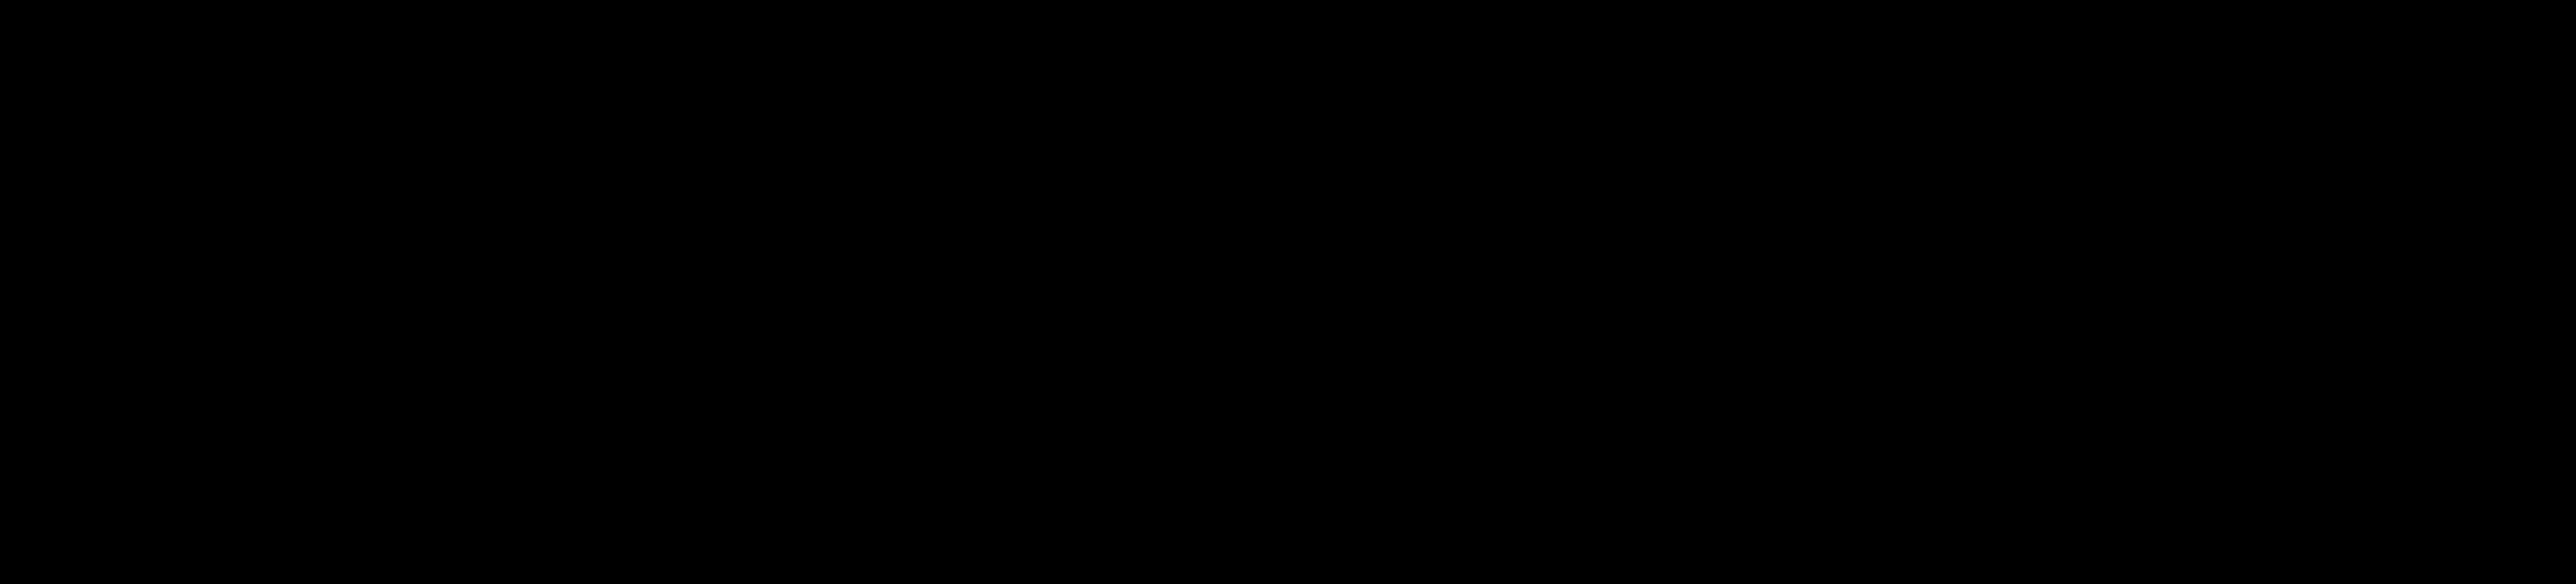 Ianthelliformisamine-d<sub>3</sub> Atrifluoroacetate (1:3)